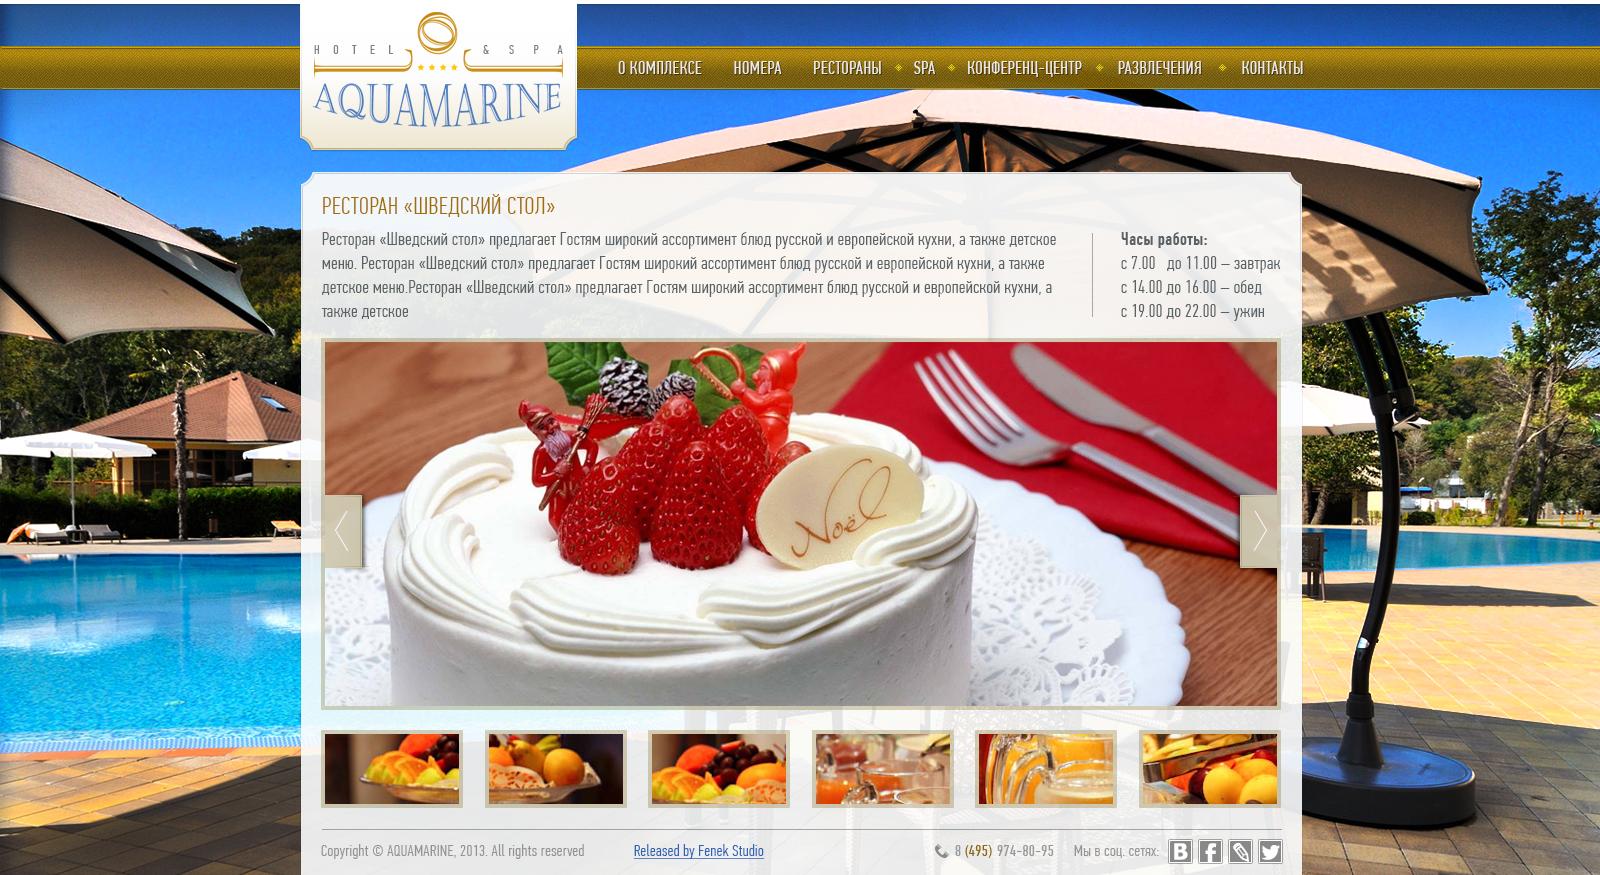 Разработка дизайна Главной страницы и всех внутренних для сайта отеля Аквамарин- страница Ресторан